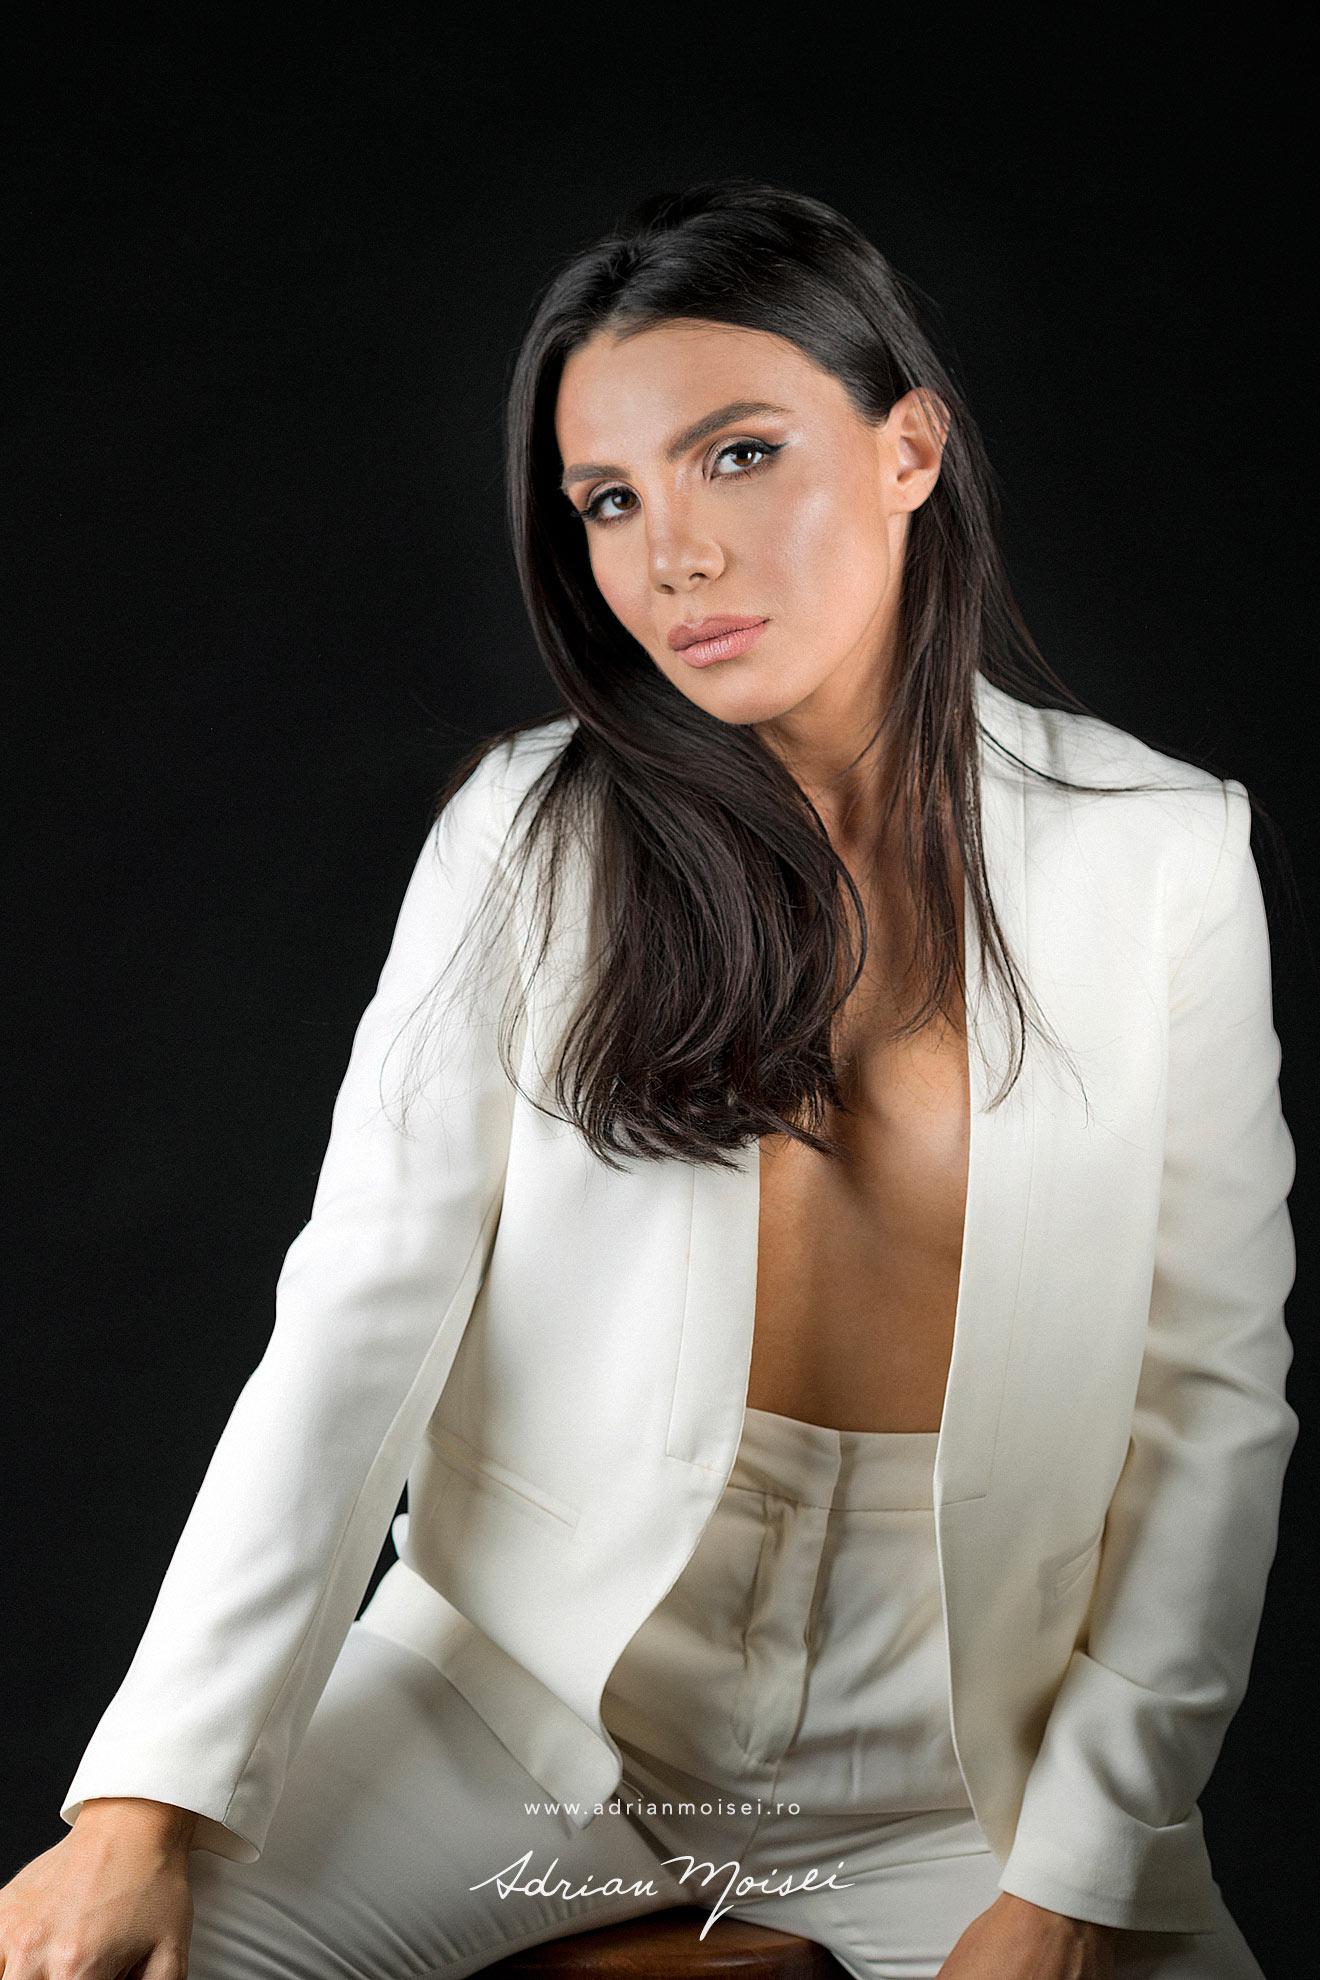 Fotograf fashion Iasi - fotografie cu modela frumoasa si senzuala in studio, pe fundal negru - studio Adrian Moisei